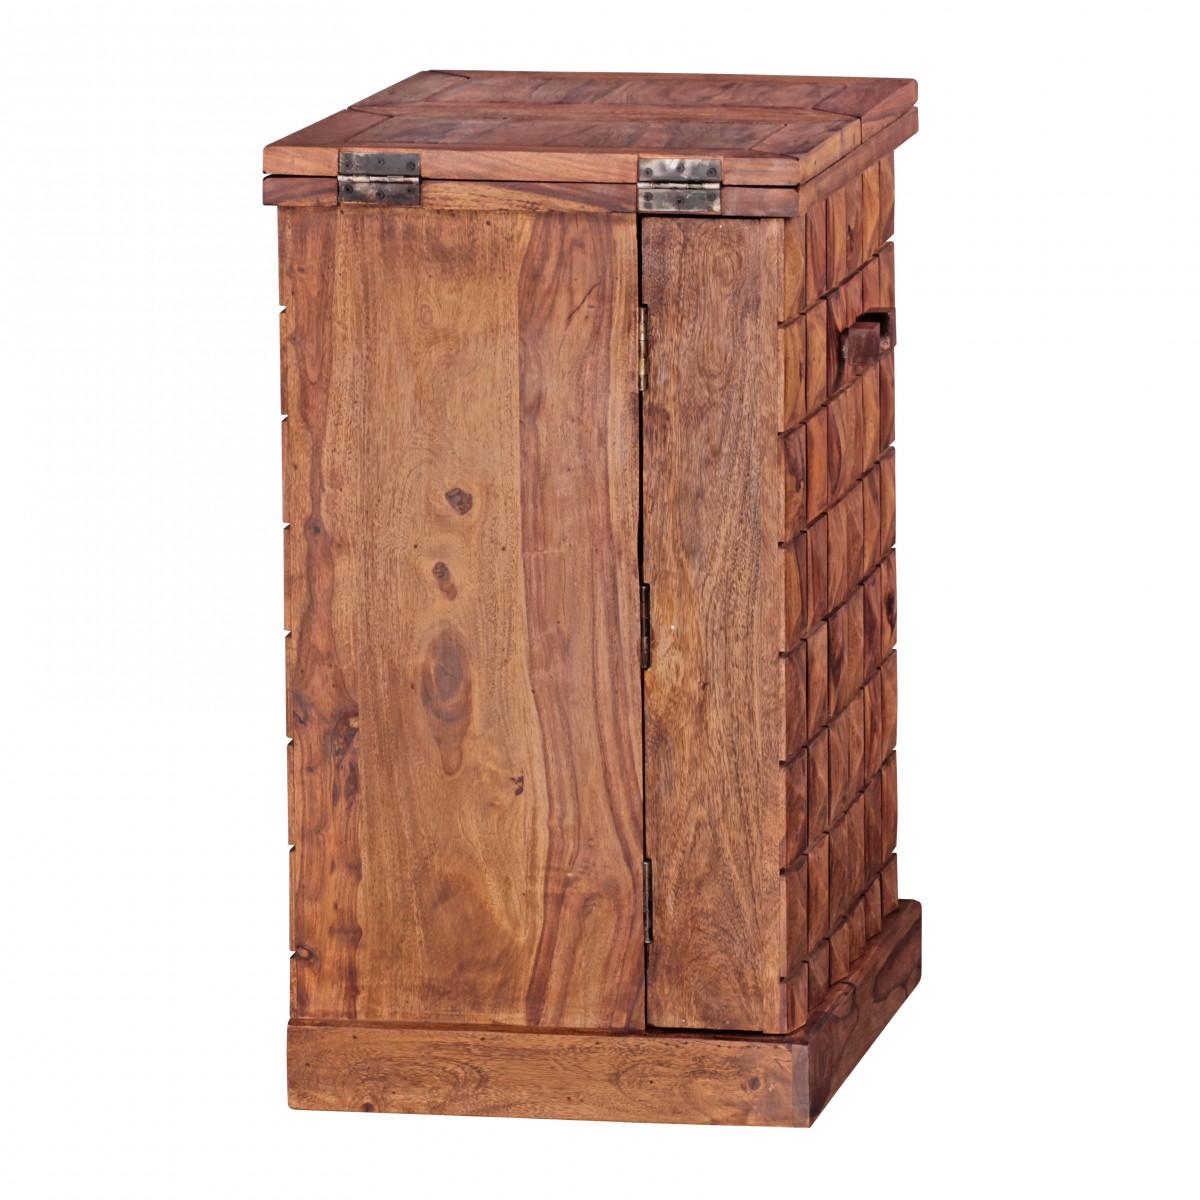 wohnling hausbar massivholz sheesham weinbar ausklappbar vitrine landhausstil barschrank. Black Bedroom Furniture Sets. Home Design Ideas